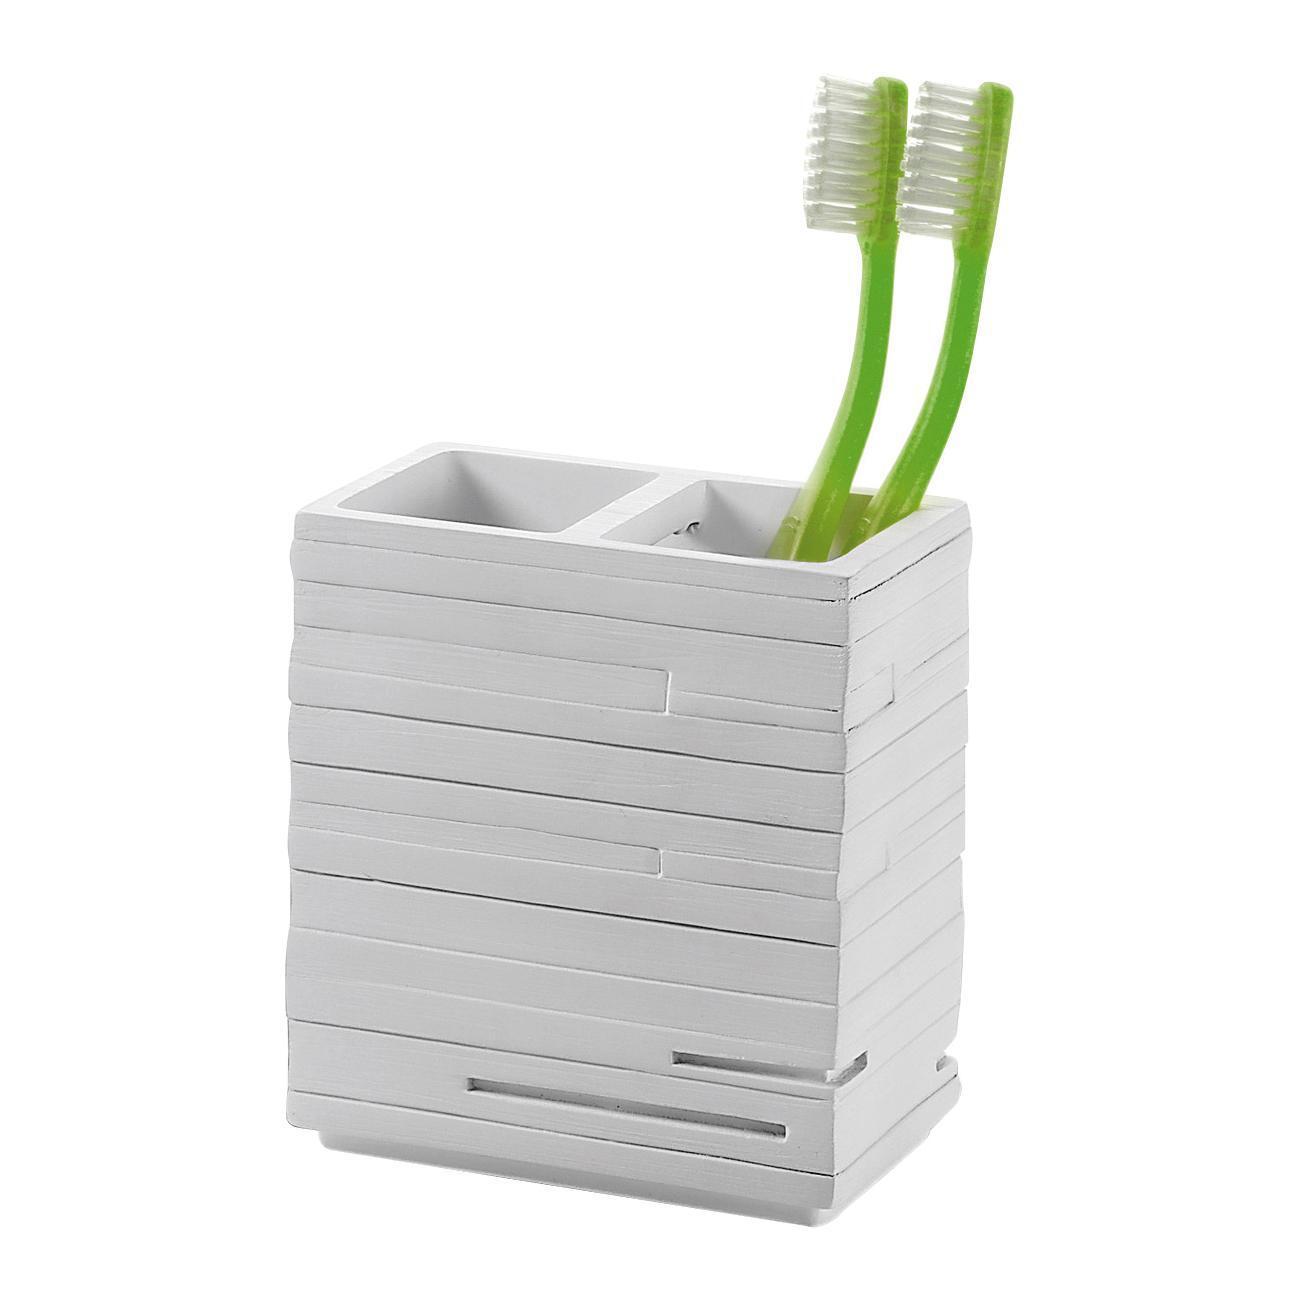 Bicchiere porta spazzolini Quadrotto in resina bianco - 6